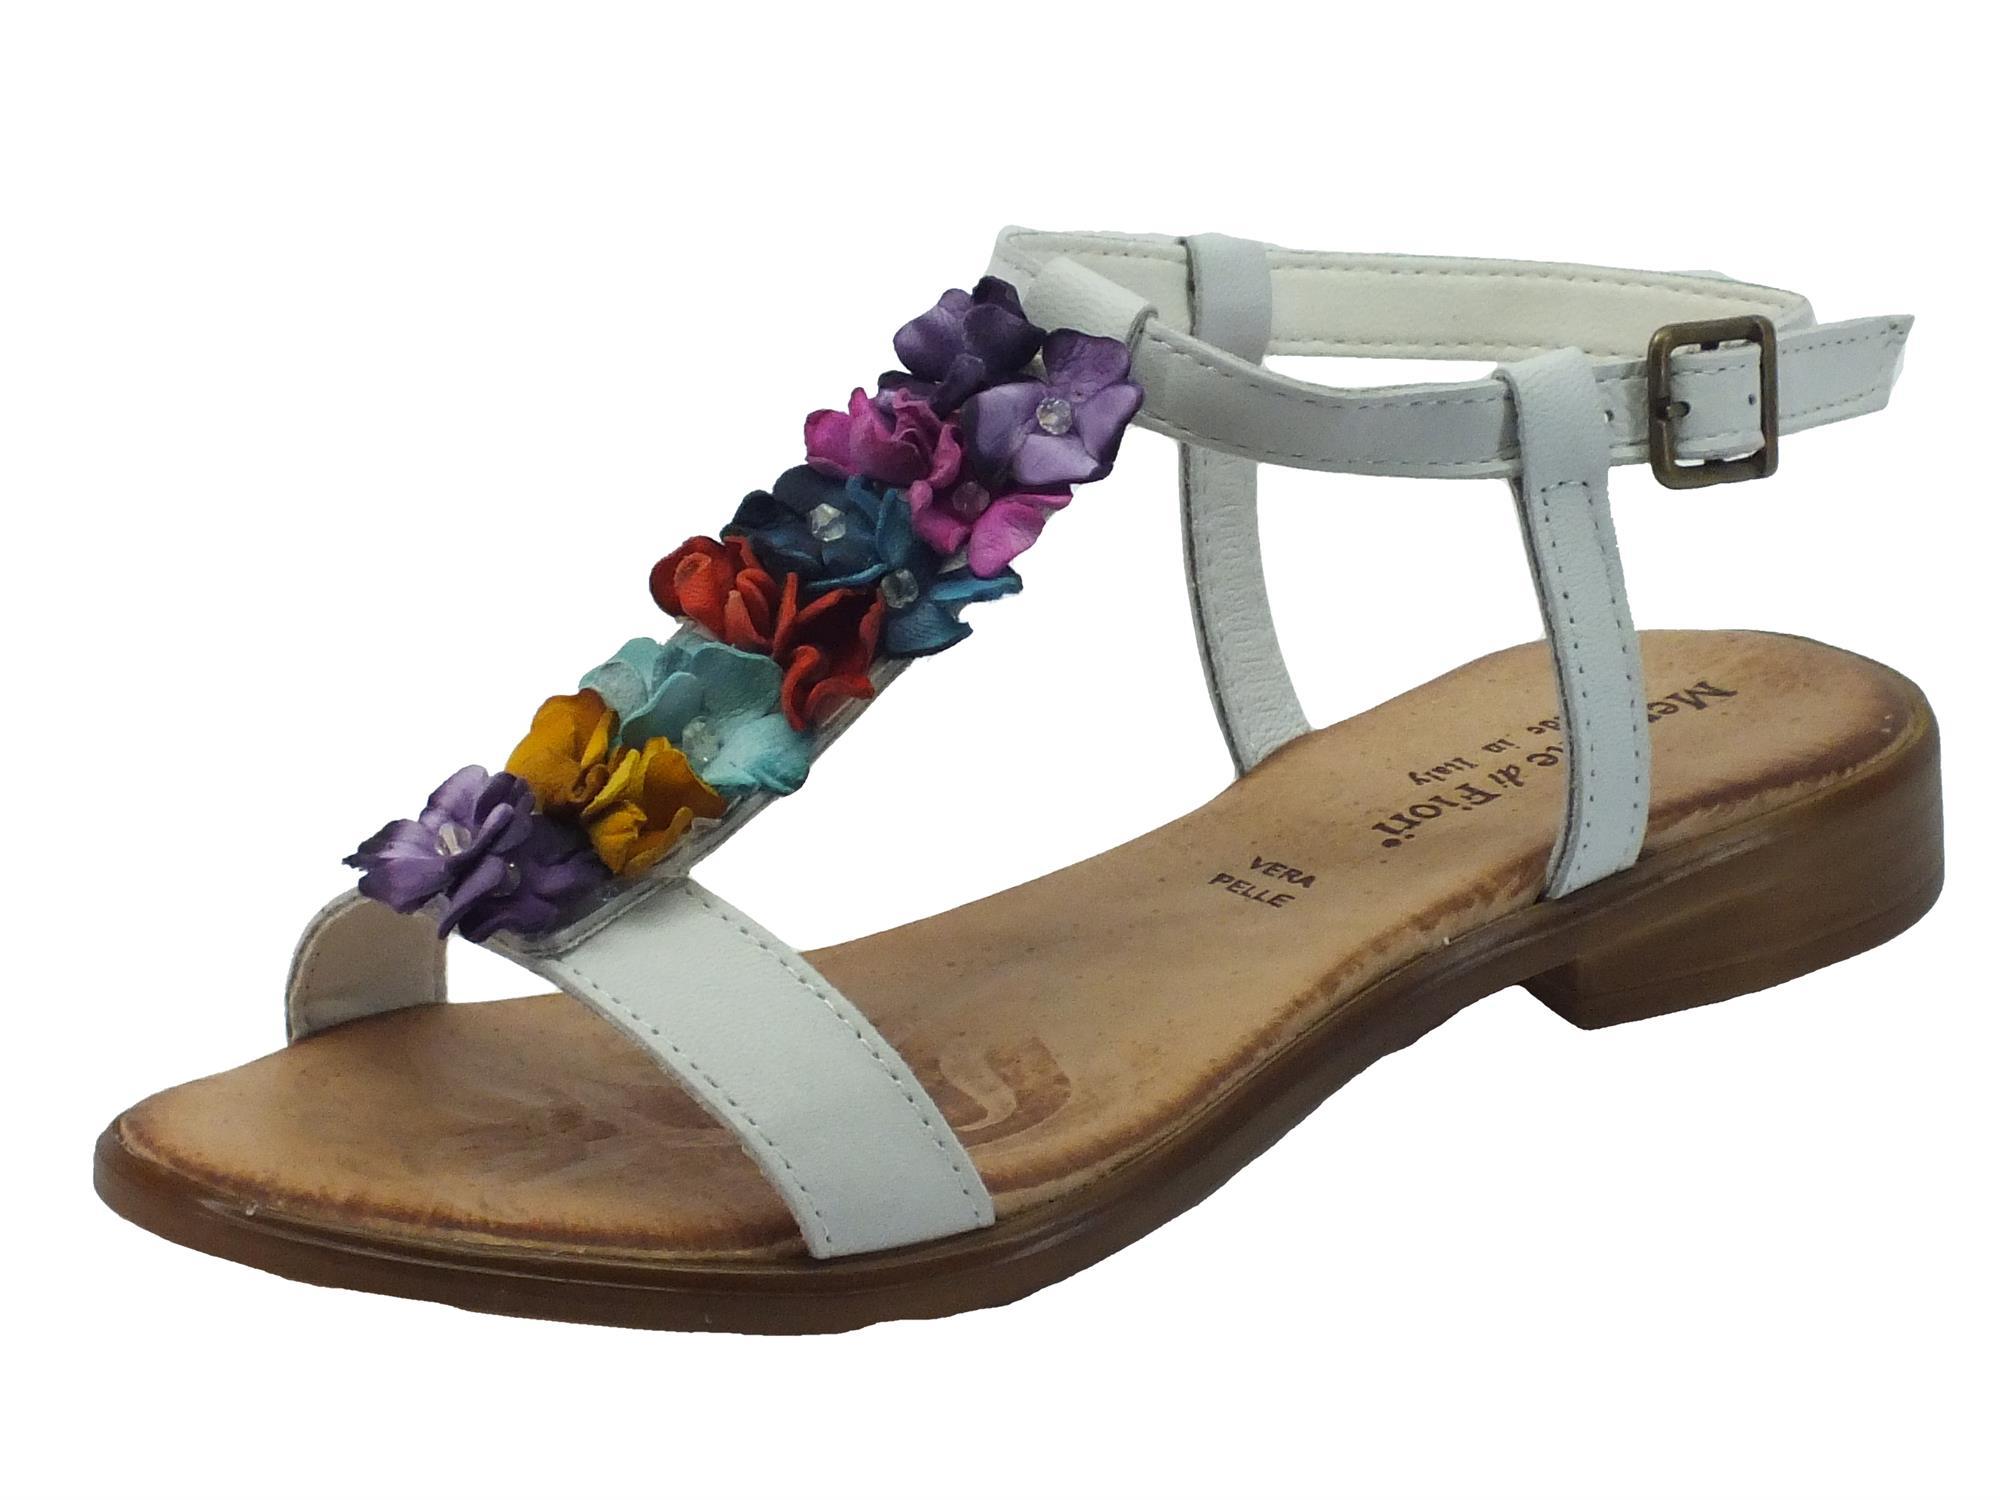 Sandali Mercante di Fiori donna pelle bianca tacco basso - Vitiello ... ff1829fbc88